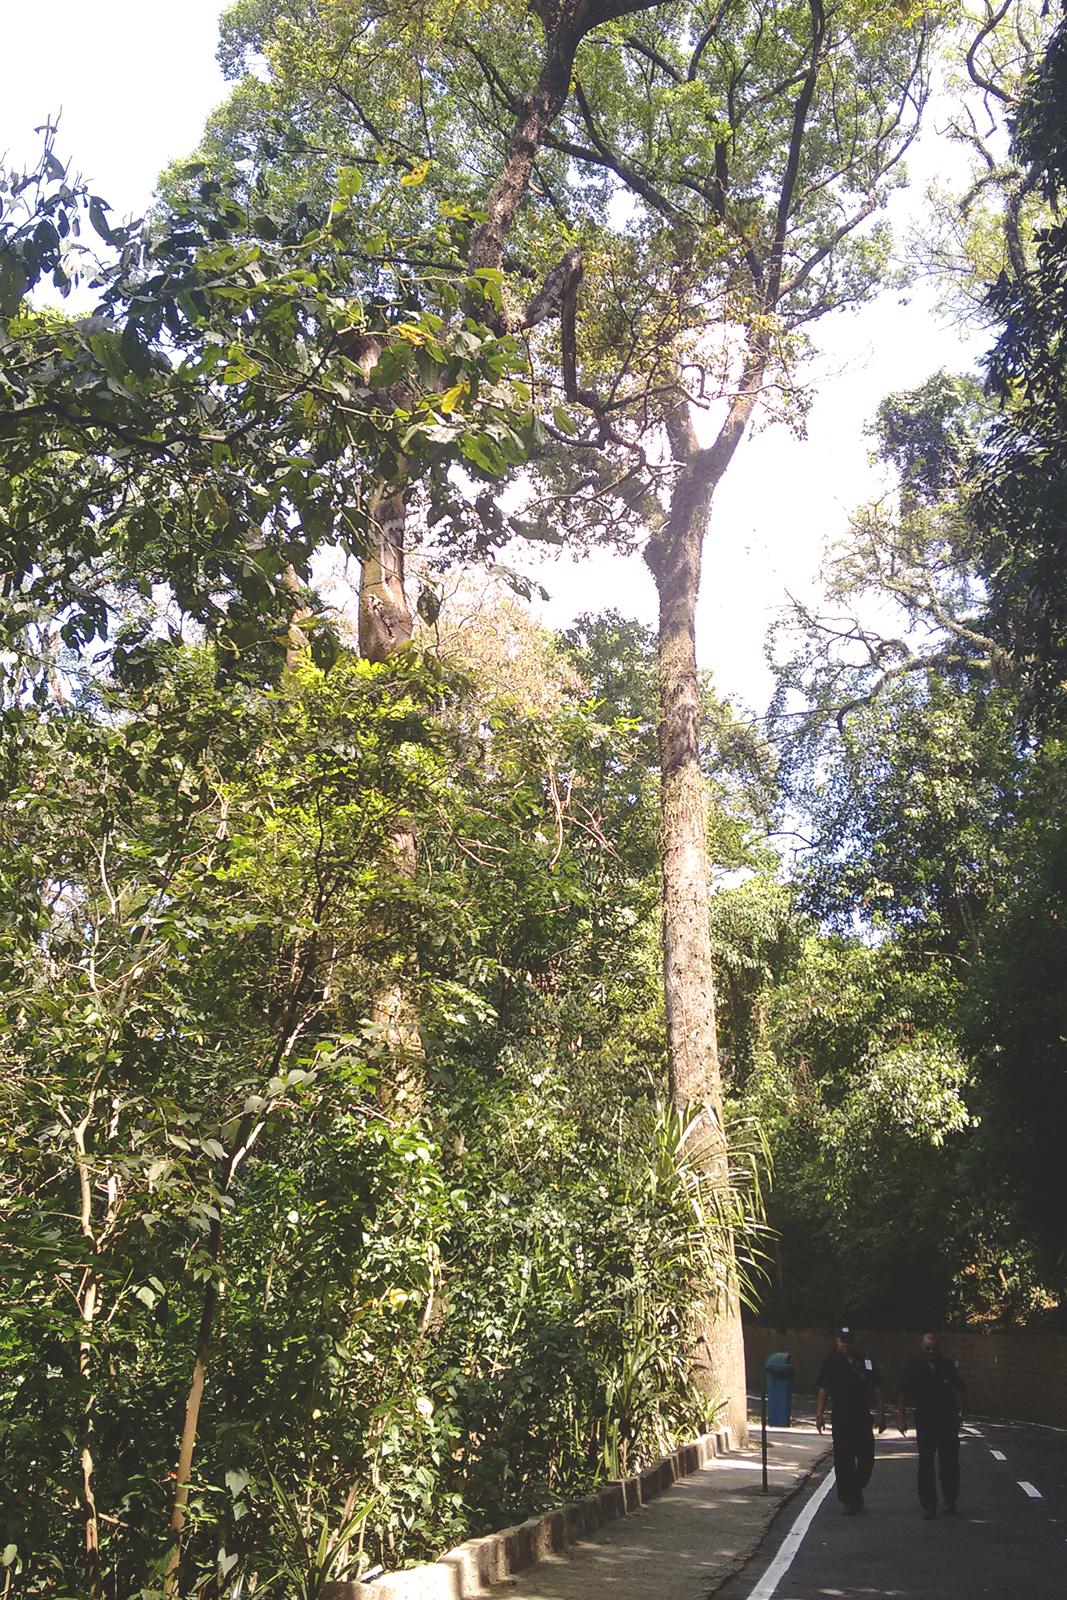 árvores grandes altas bosque dos jequitibás Campinas